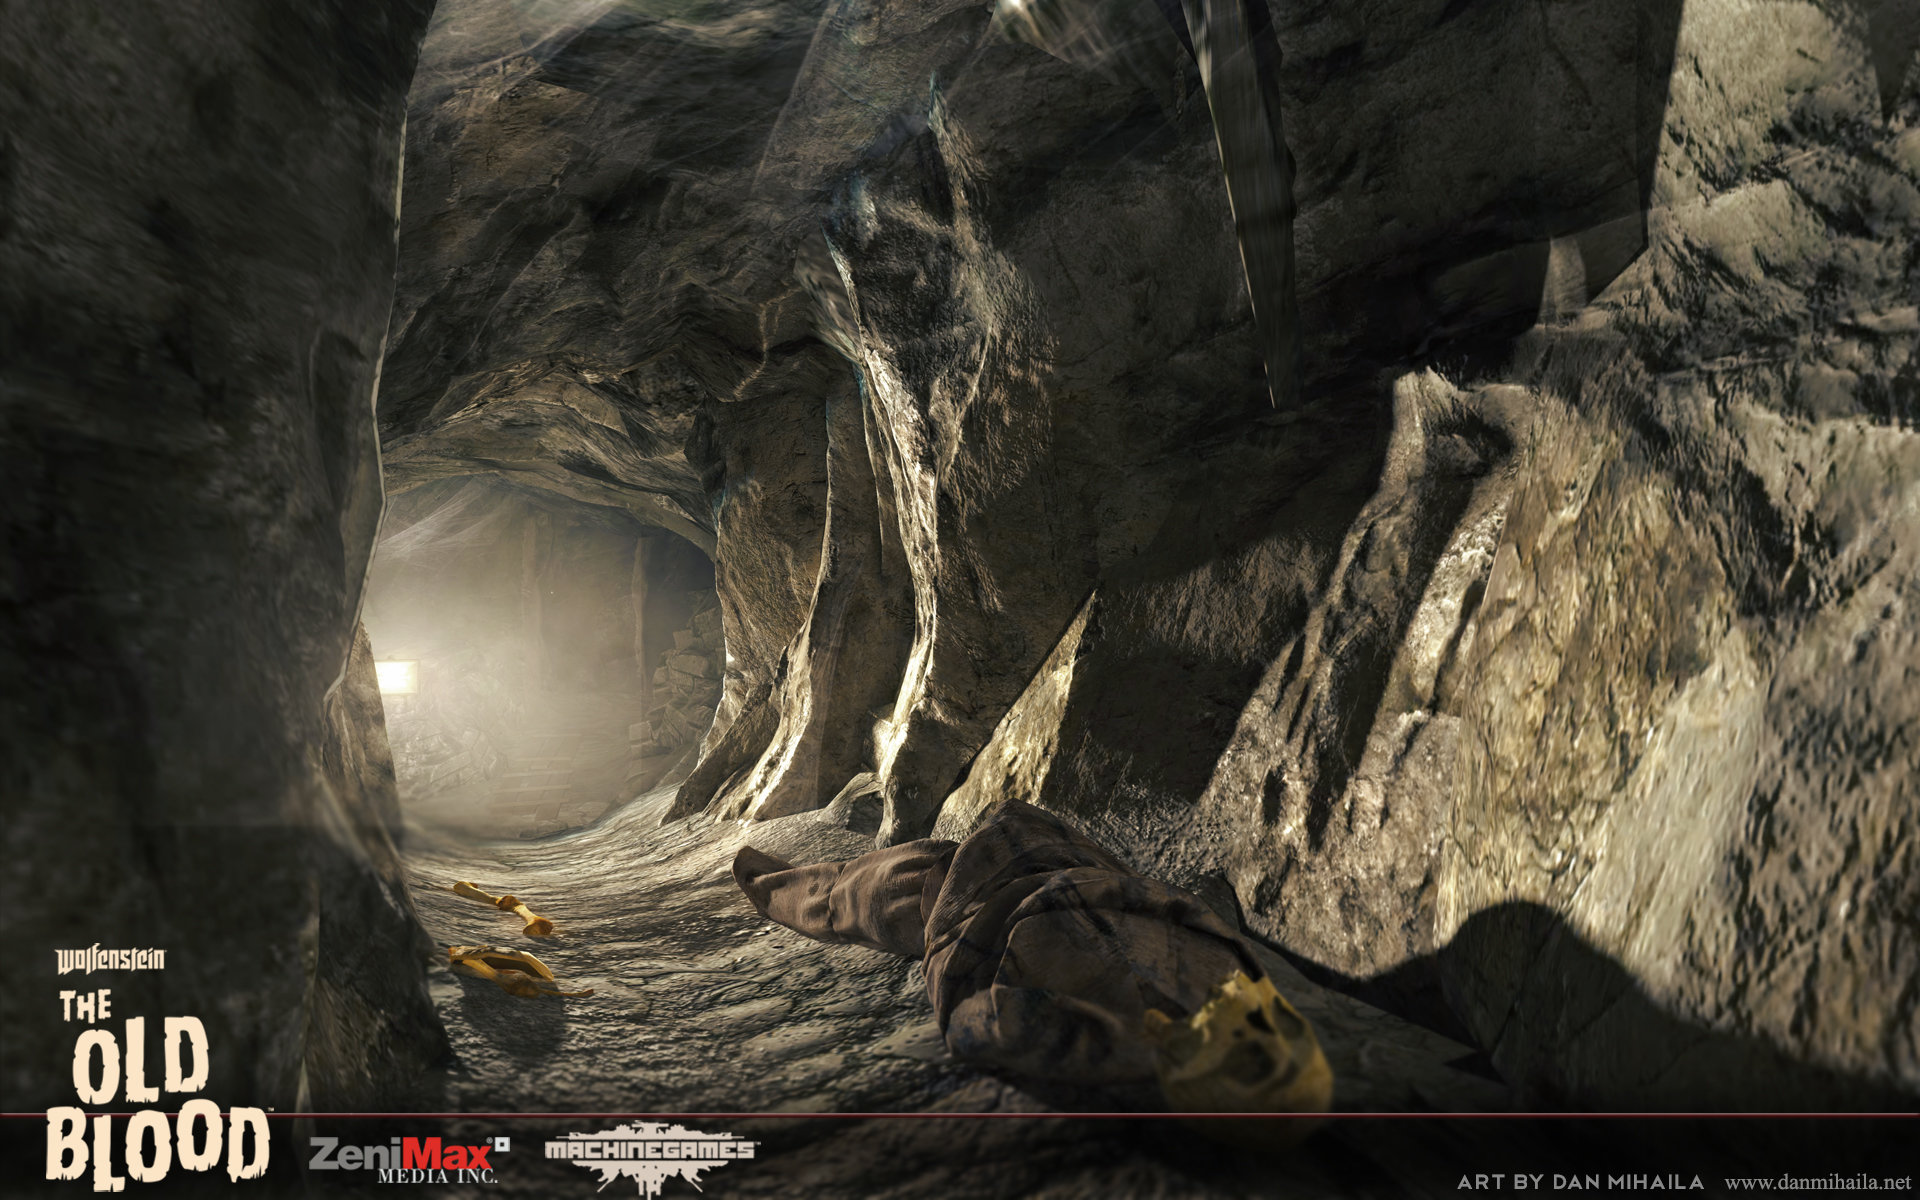 dan-mihaila-ob-catacombs02.jpg?1439228711